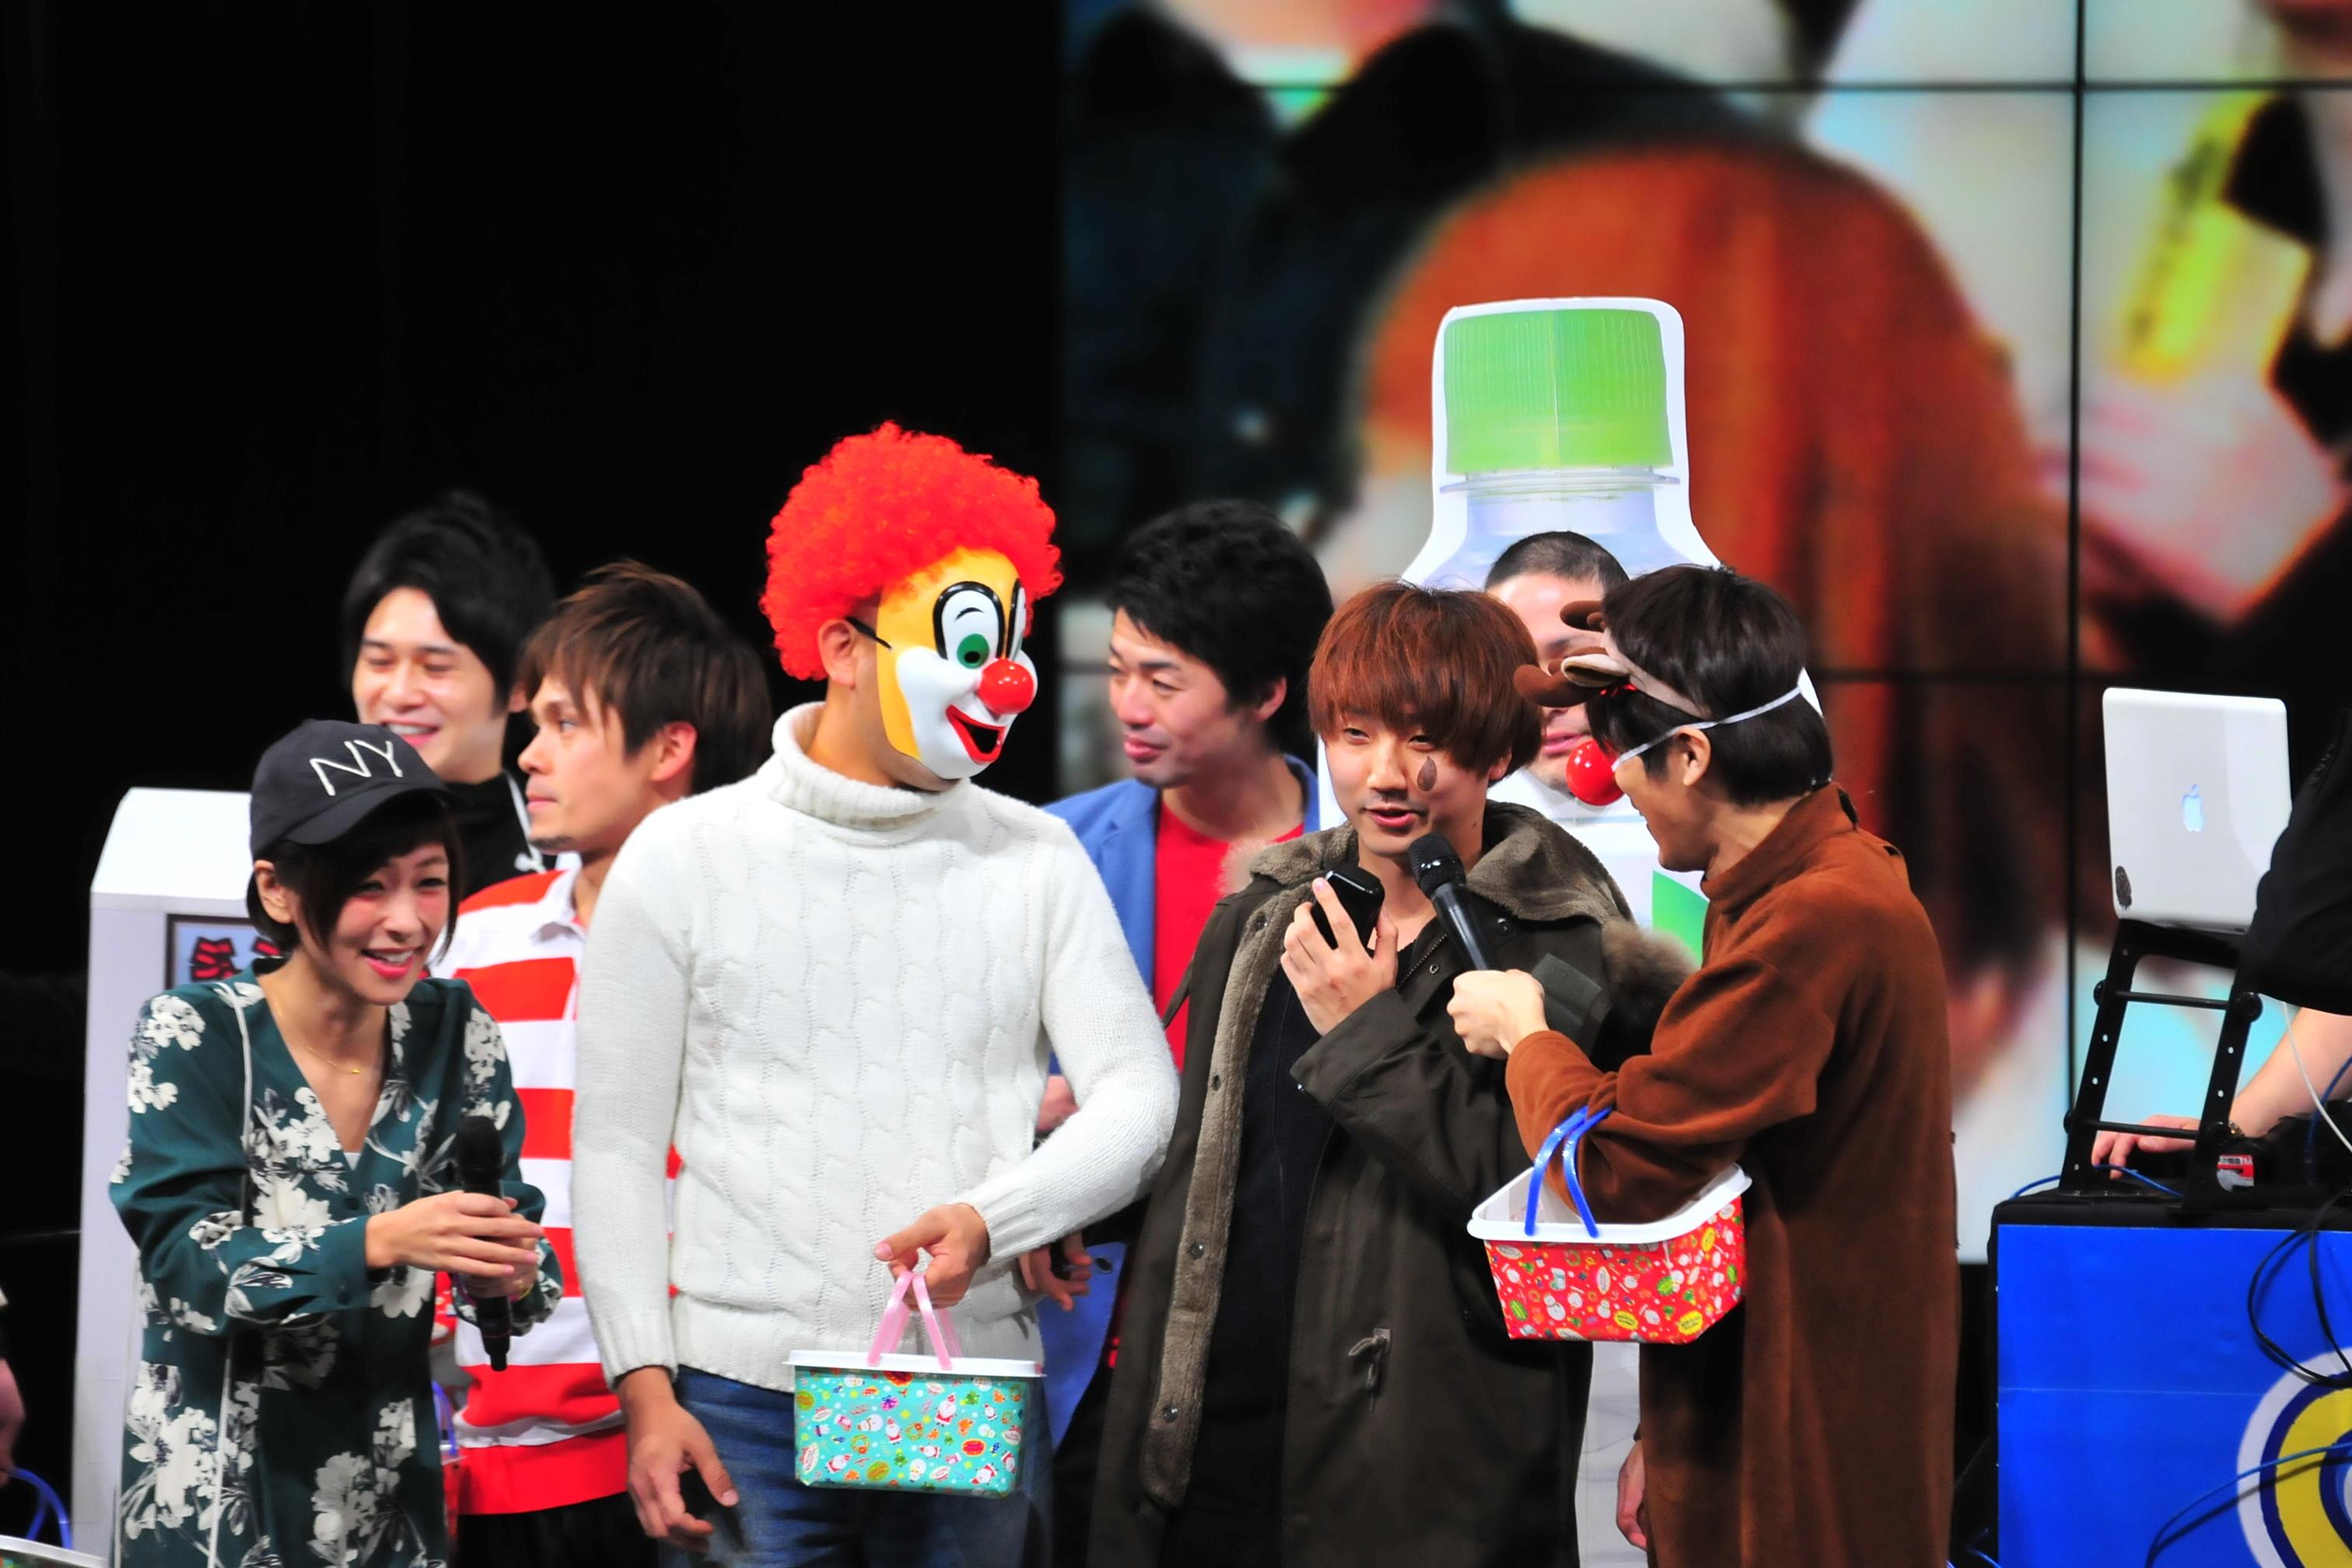 http://news.yoshimoto.co.jp/20151231140248-f58a8b7463a60a6efe49205ff9d4296315b356ec.jpg